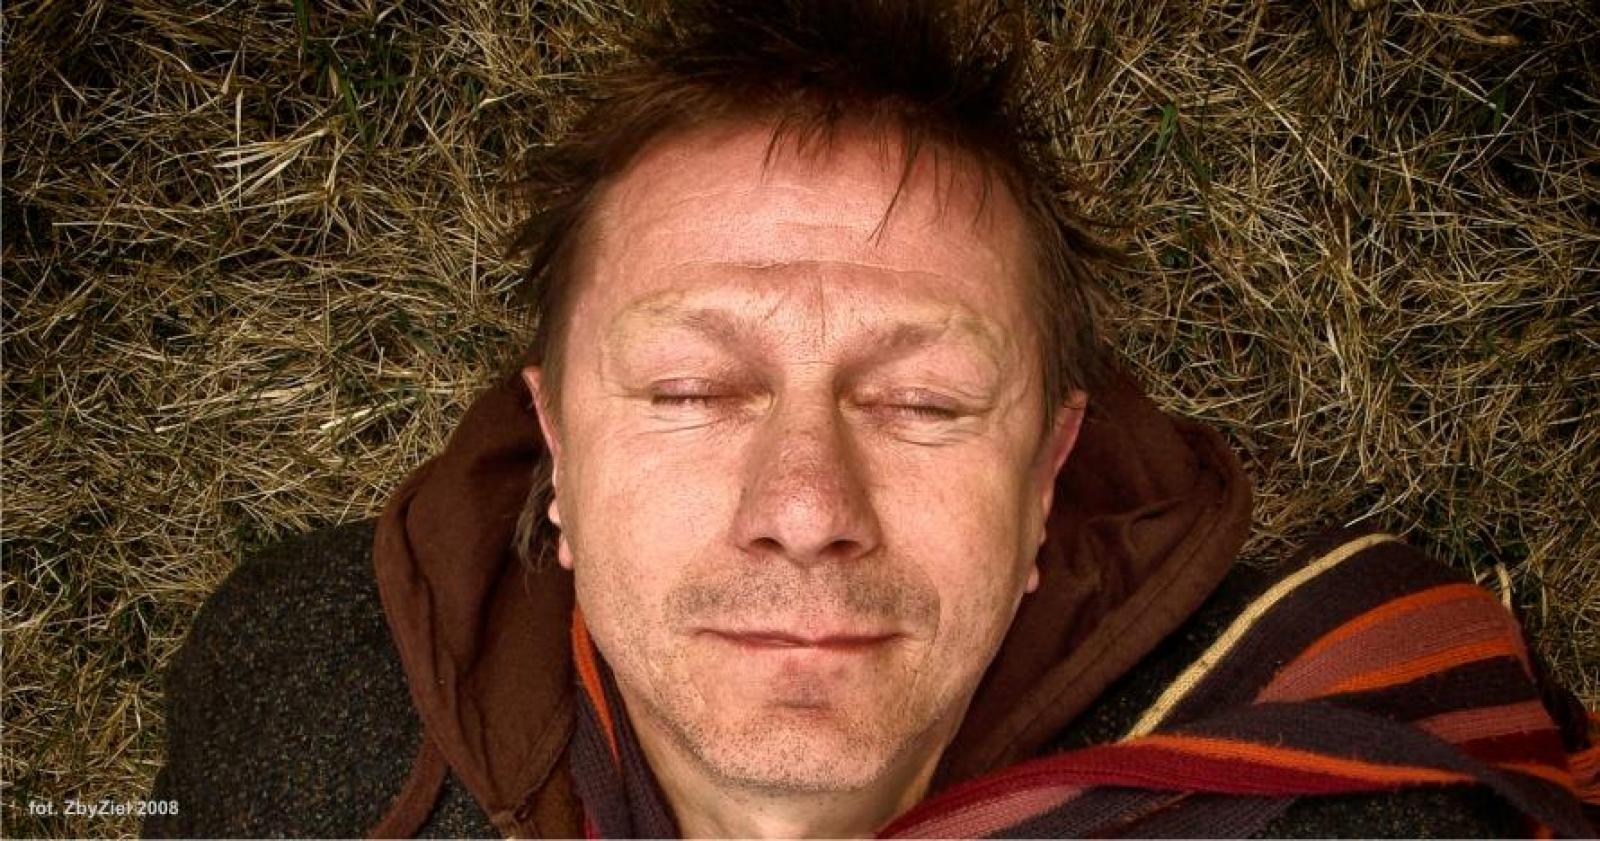 DŹWIĘK BUDUJE OBRAZ – koncert/performance/pokazy filmów (Grzegorz Pleszyński + goście: Jerzy Mazzoll/Sławek Janicki/Qba Janicki)